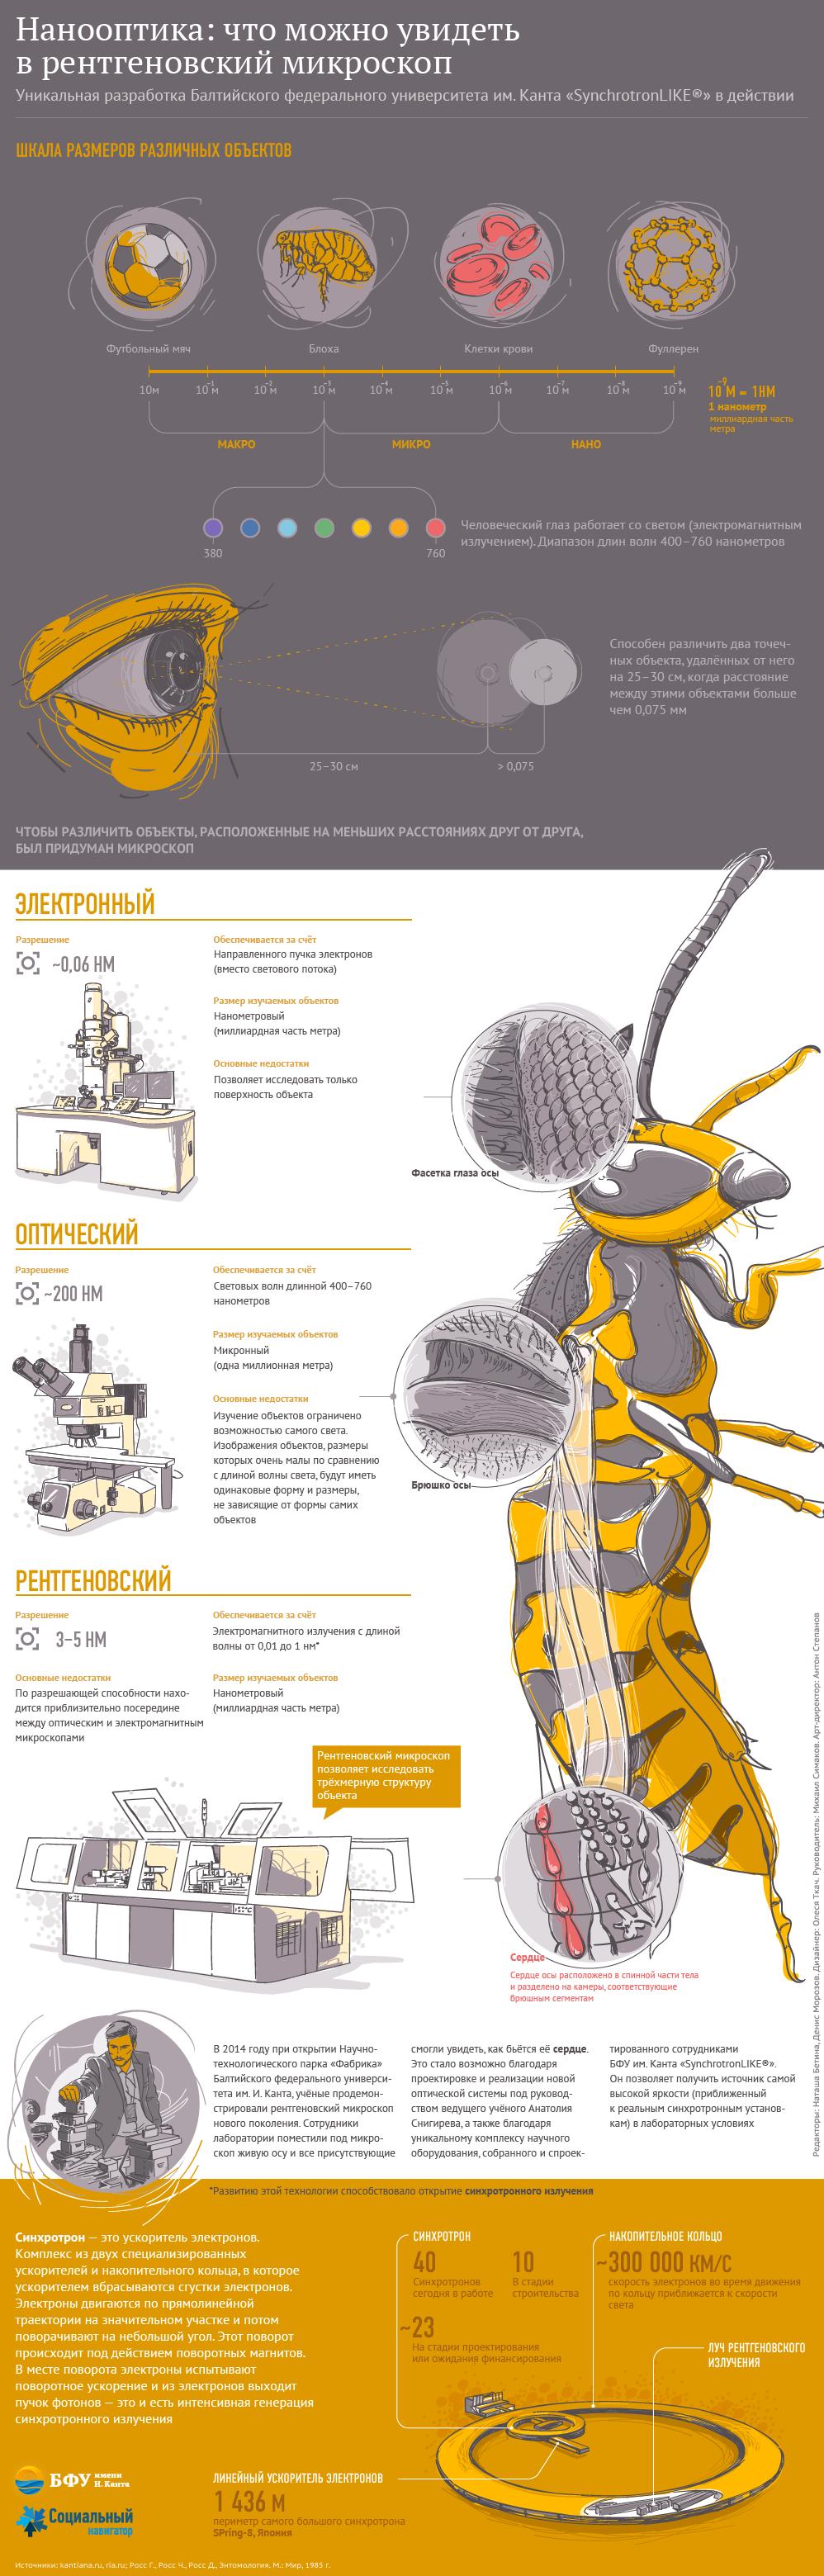 Нанооптика: что можно увидеть в рентгеновский микроскоп